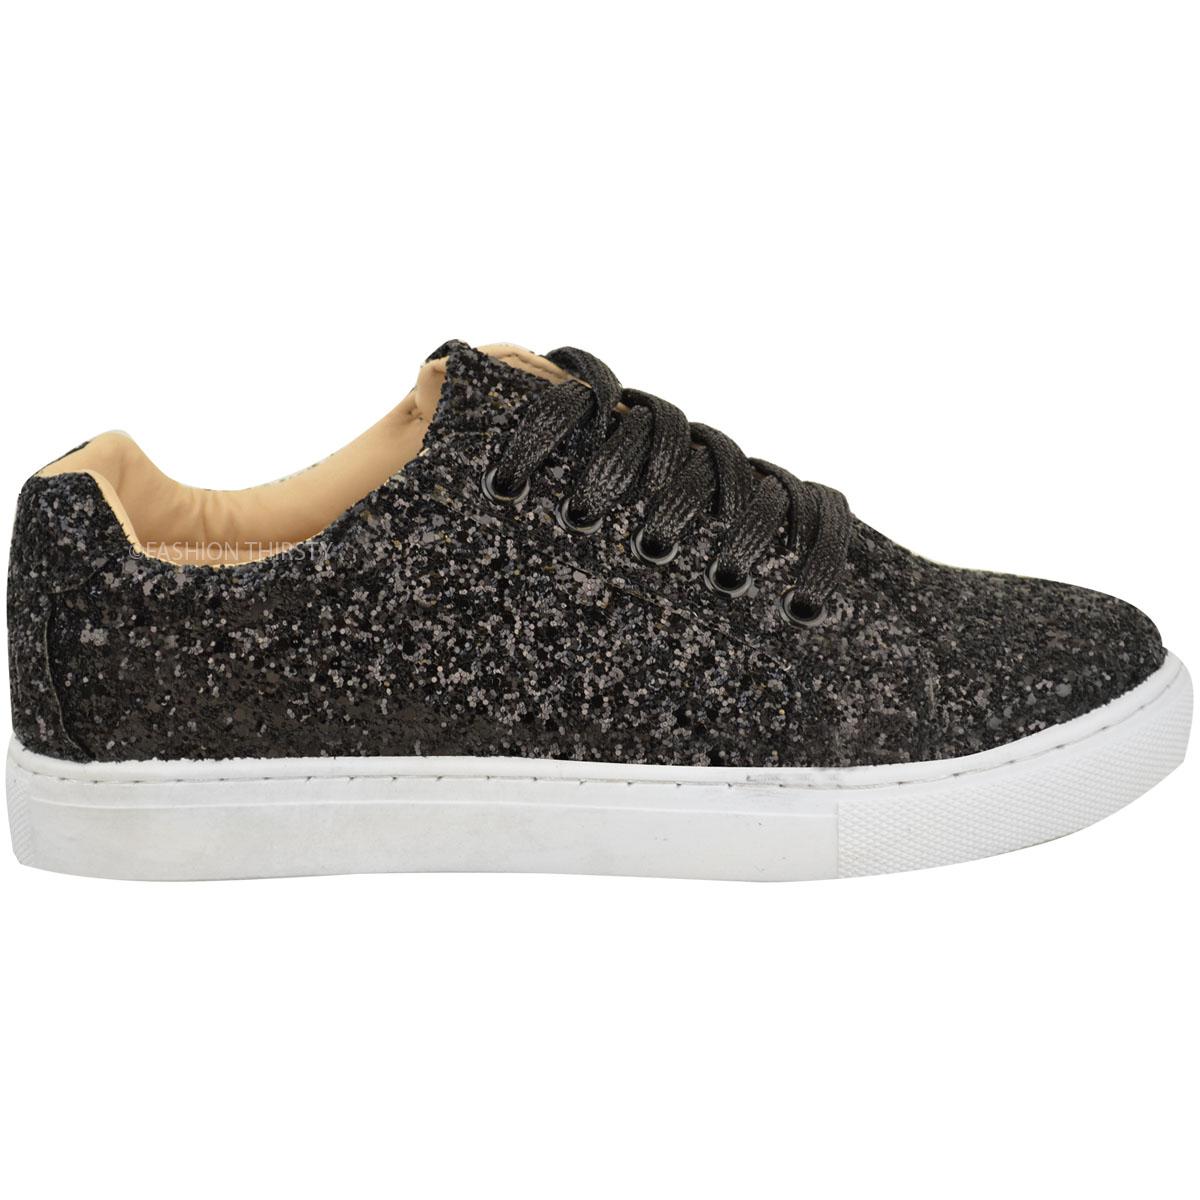 Glitter Running Shoes Uk